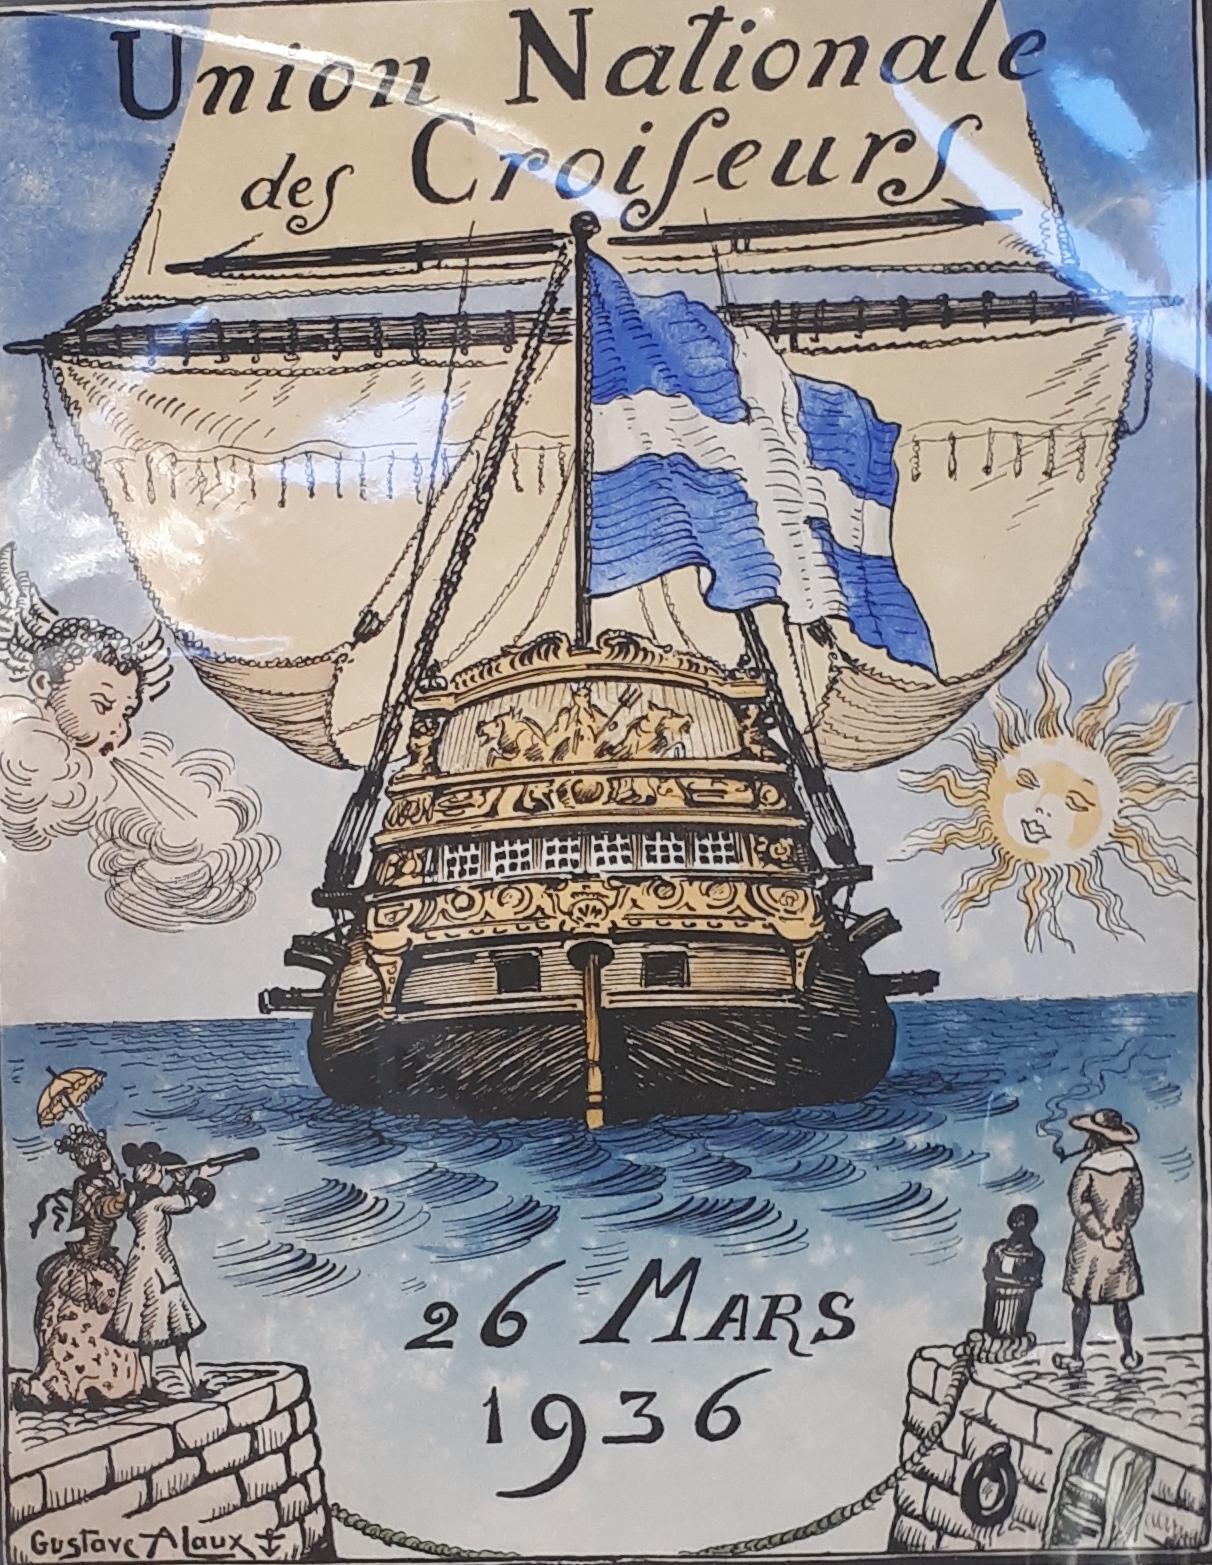 Union Nationale des Croiseurs.jpg